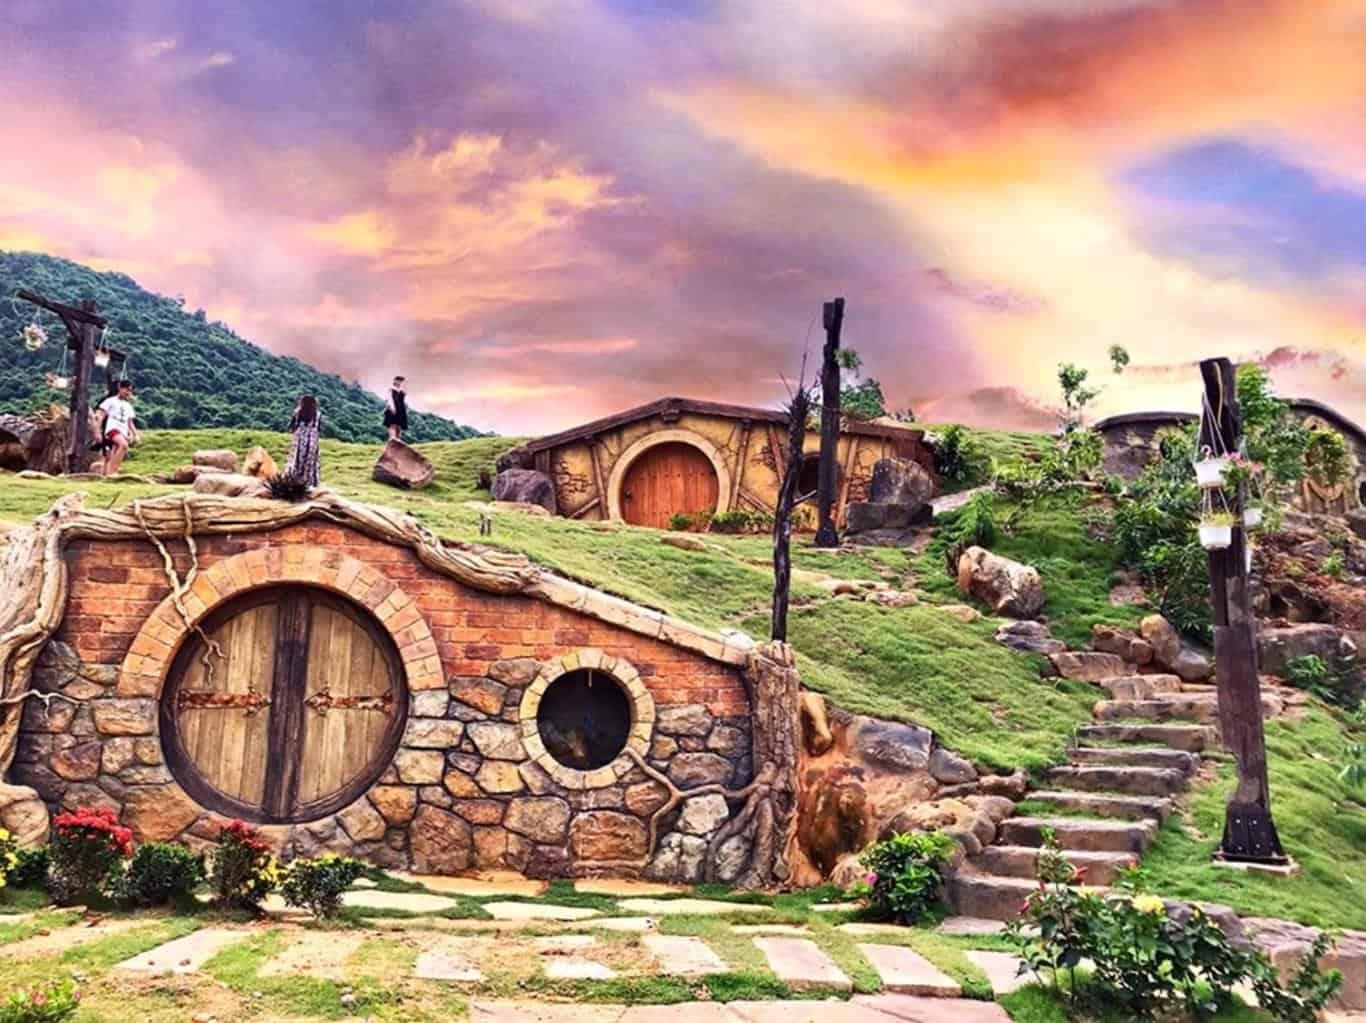 """Bạch Mã Village - """"Xứ sở thần tiên"""" cho những dịp vui chơi cuối tuần cắm trại qua đêm"""